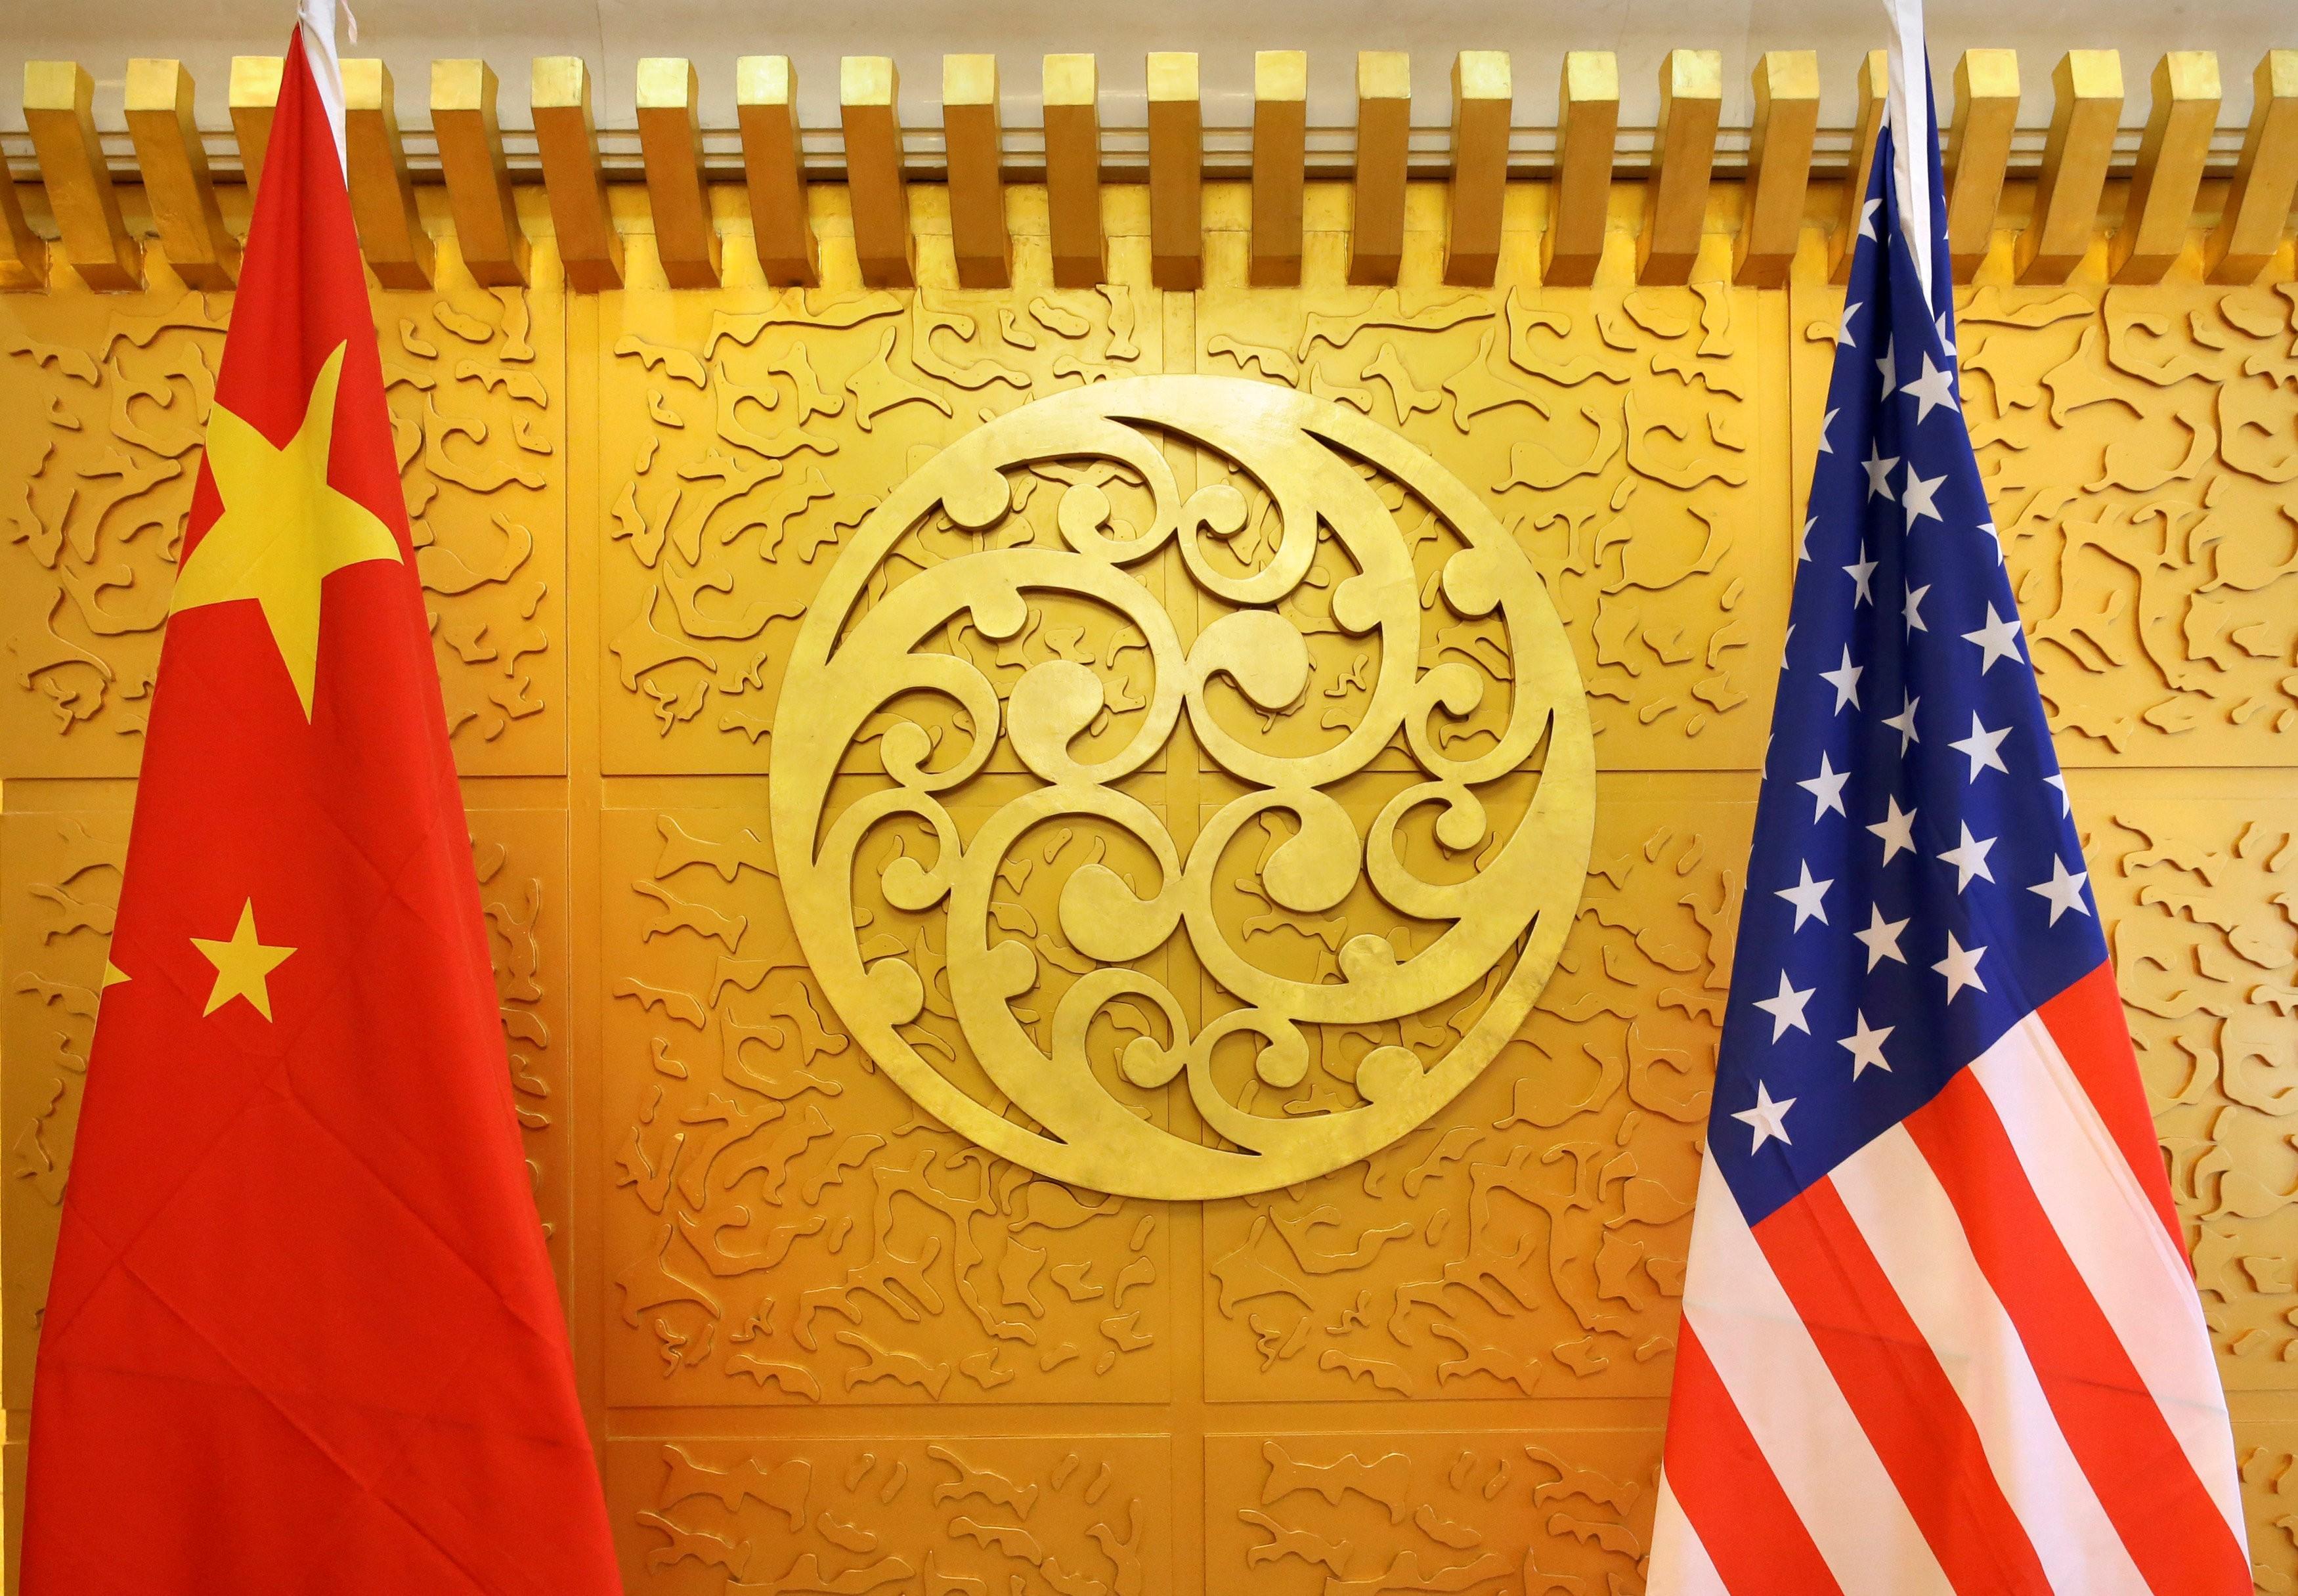 EUA e China estão 'comprometidos a cooperar' diante da crise climática